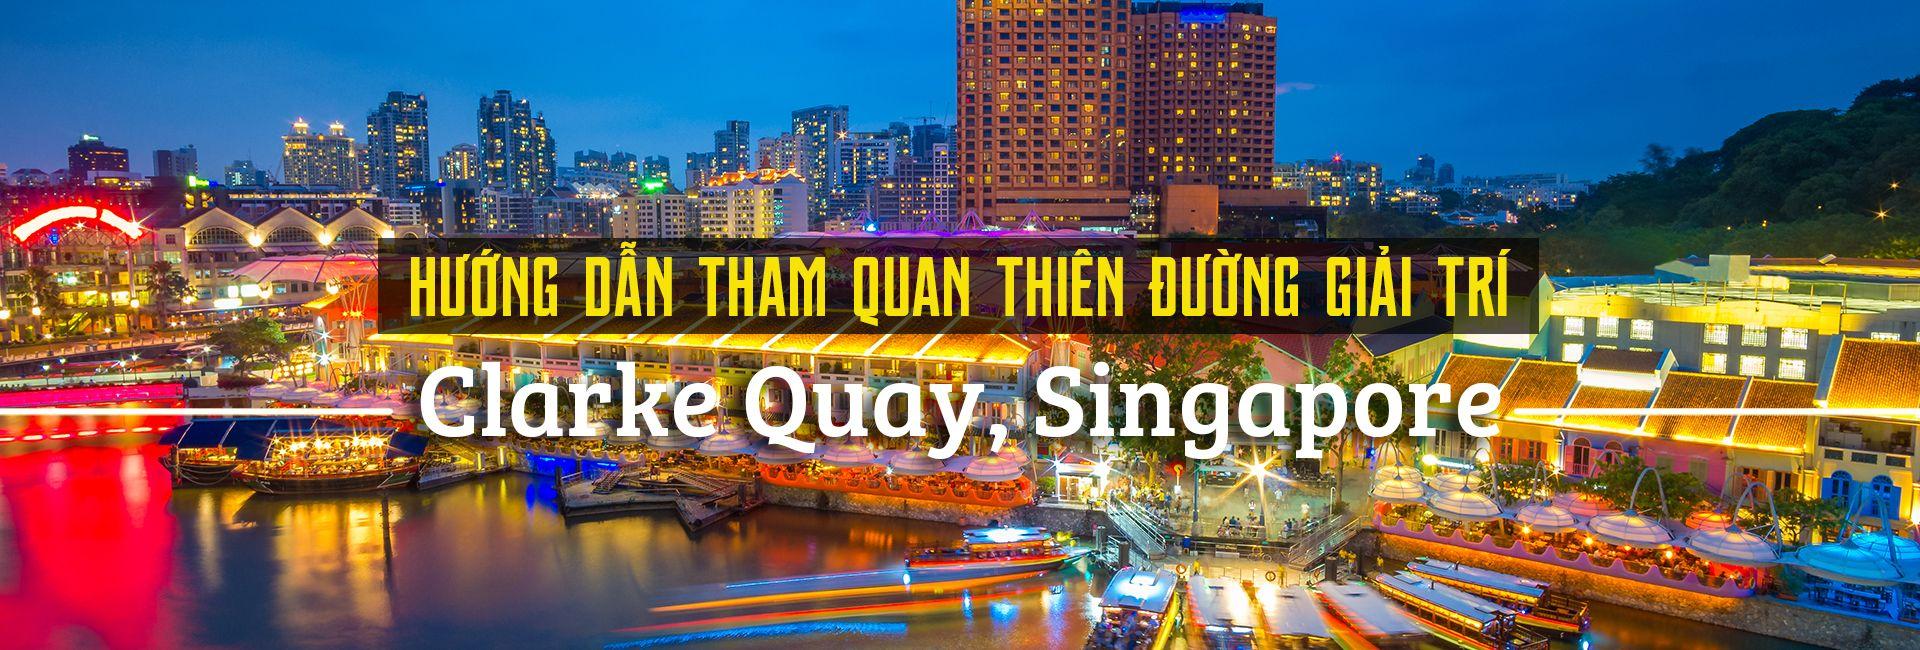 Tham quan thiên đường giải trí Clarke Quay, Singapore